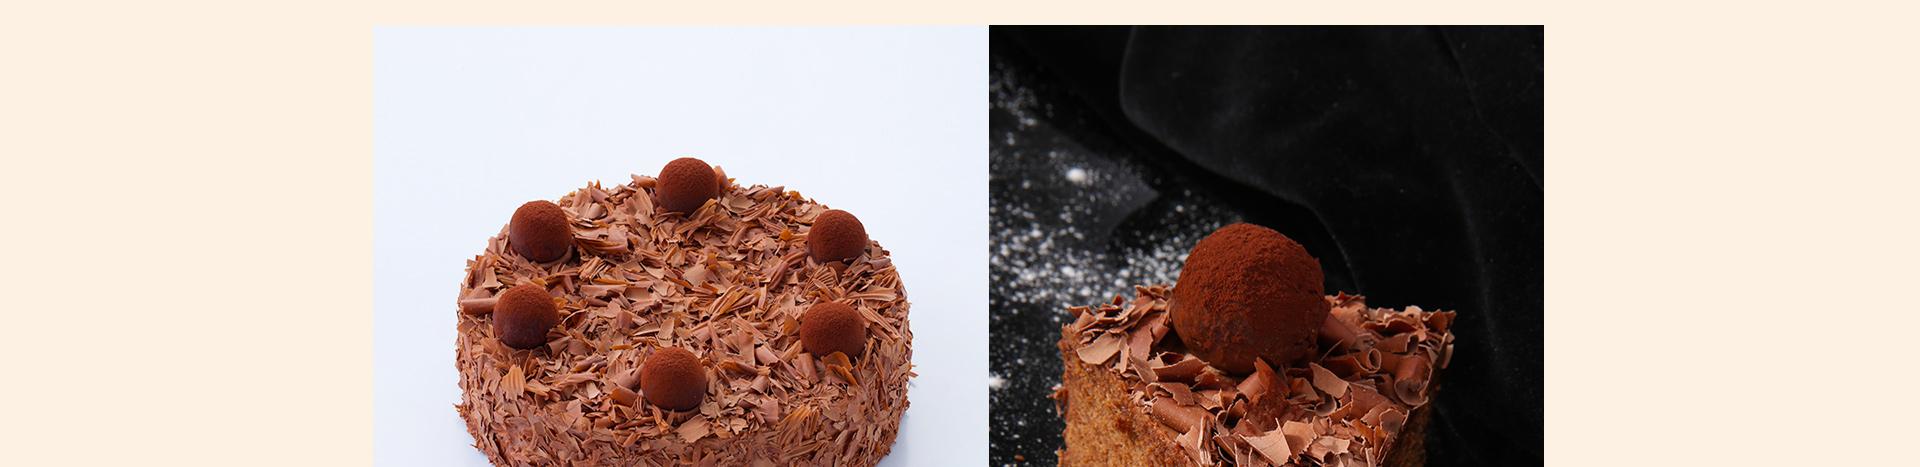 梦幻|松露巧克力蛋糕